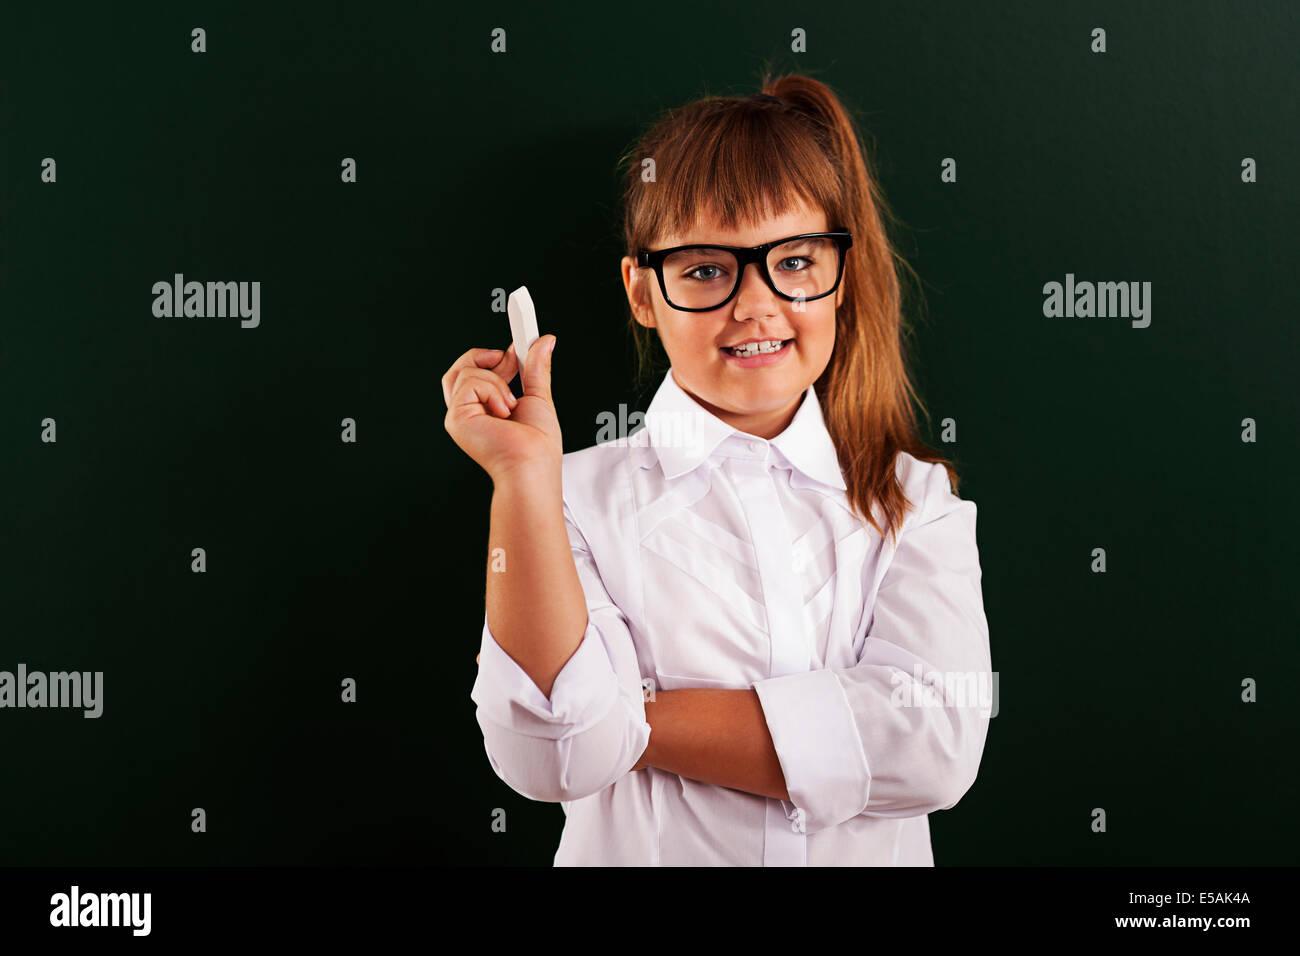 Cute little girl dans les verres avec de la craie en main, Debica, Pologne. Photo Stock